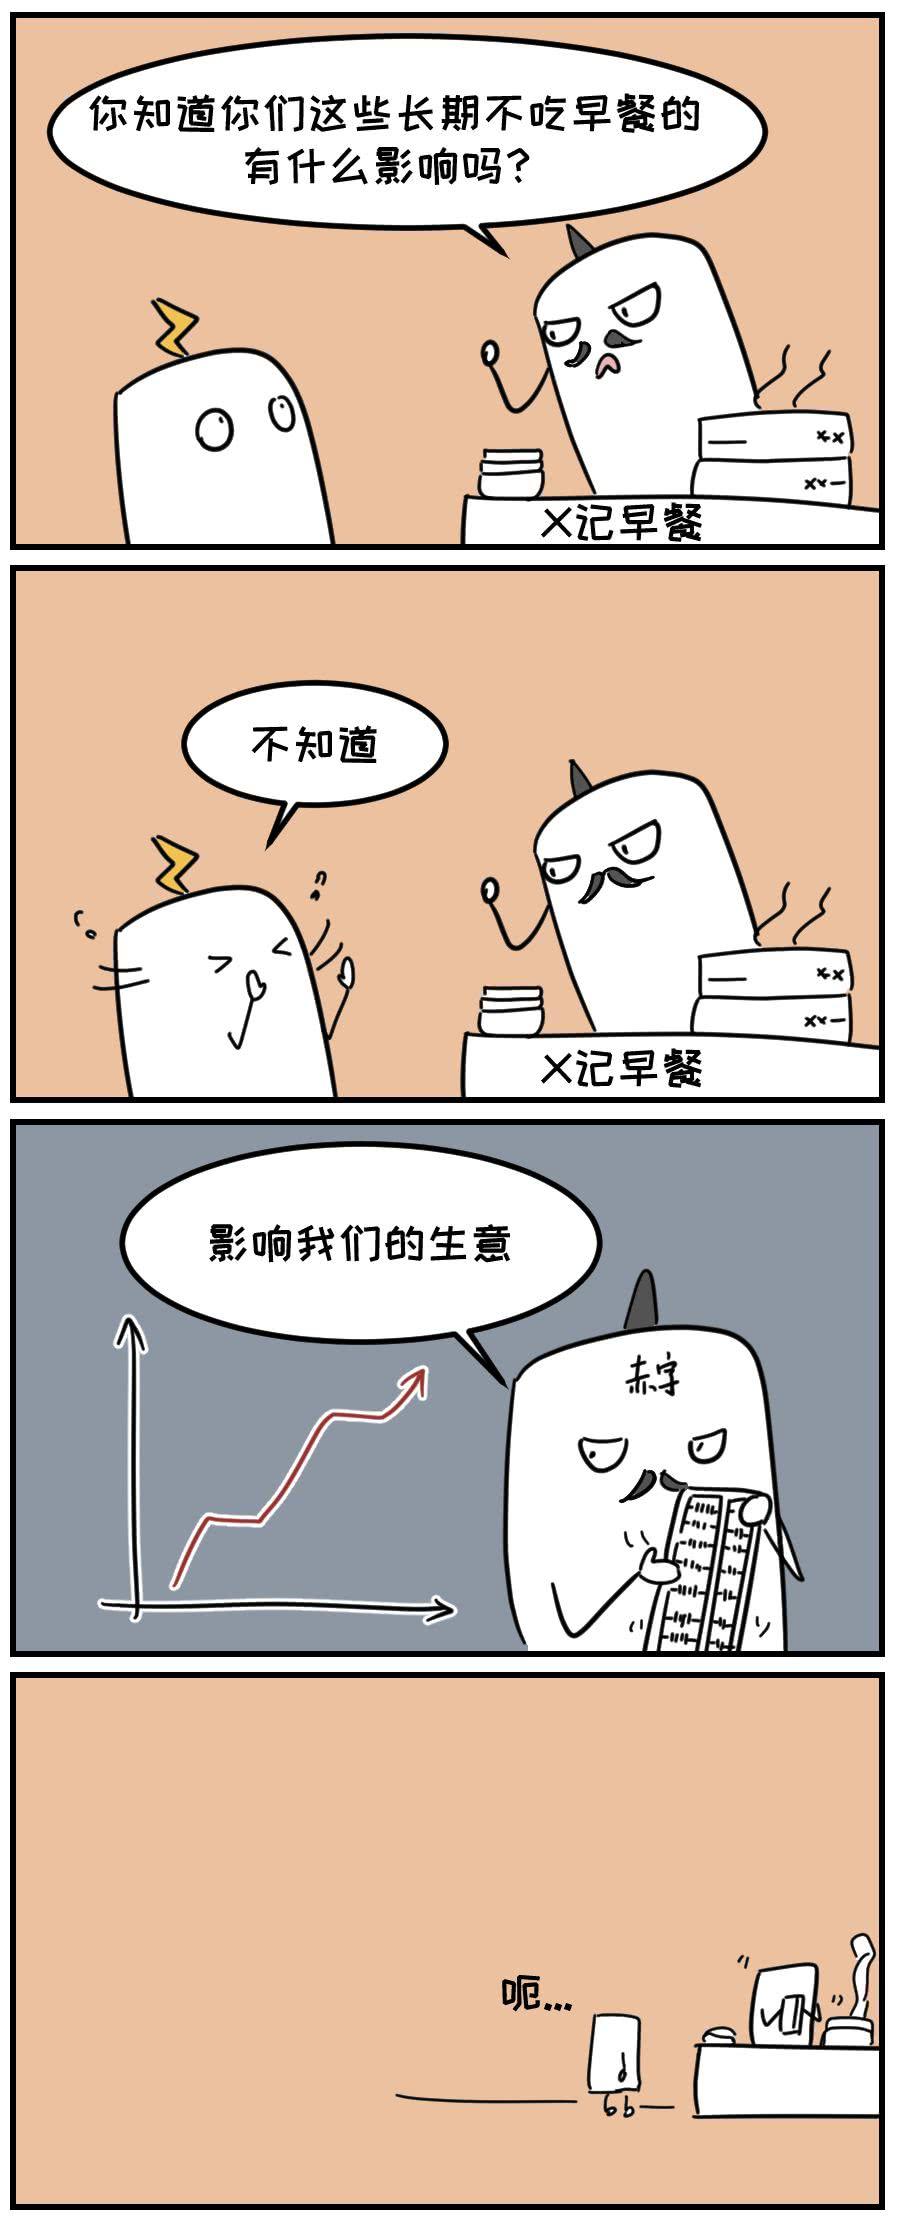 微信聊天潜规则曝光:这样聊天,才能撩到喜欢的人